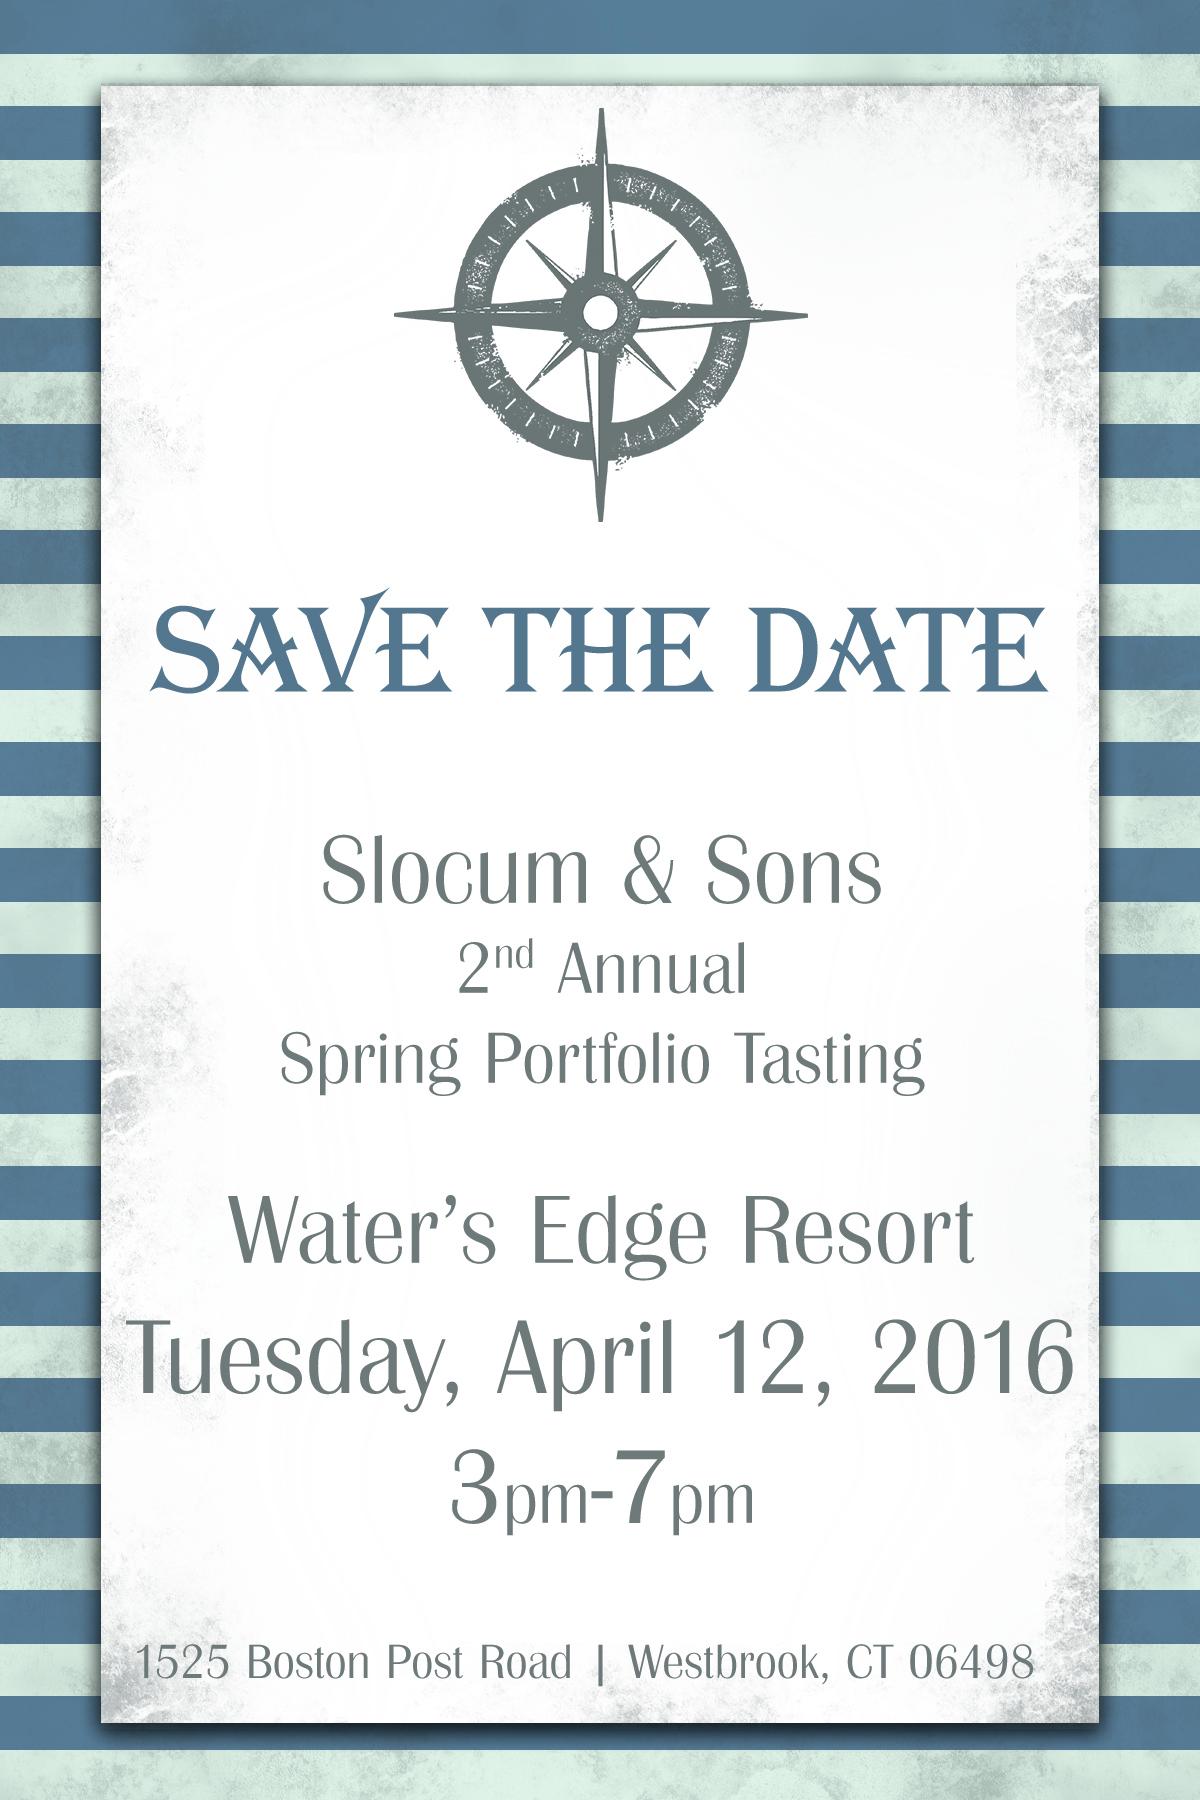 April 12, 2016: Trade Event/Slocum & Sons Spring Portfolio Tasting